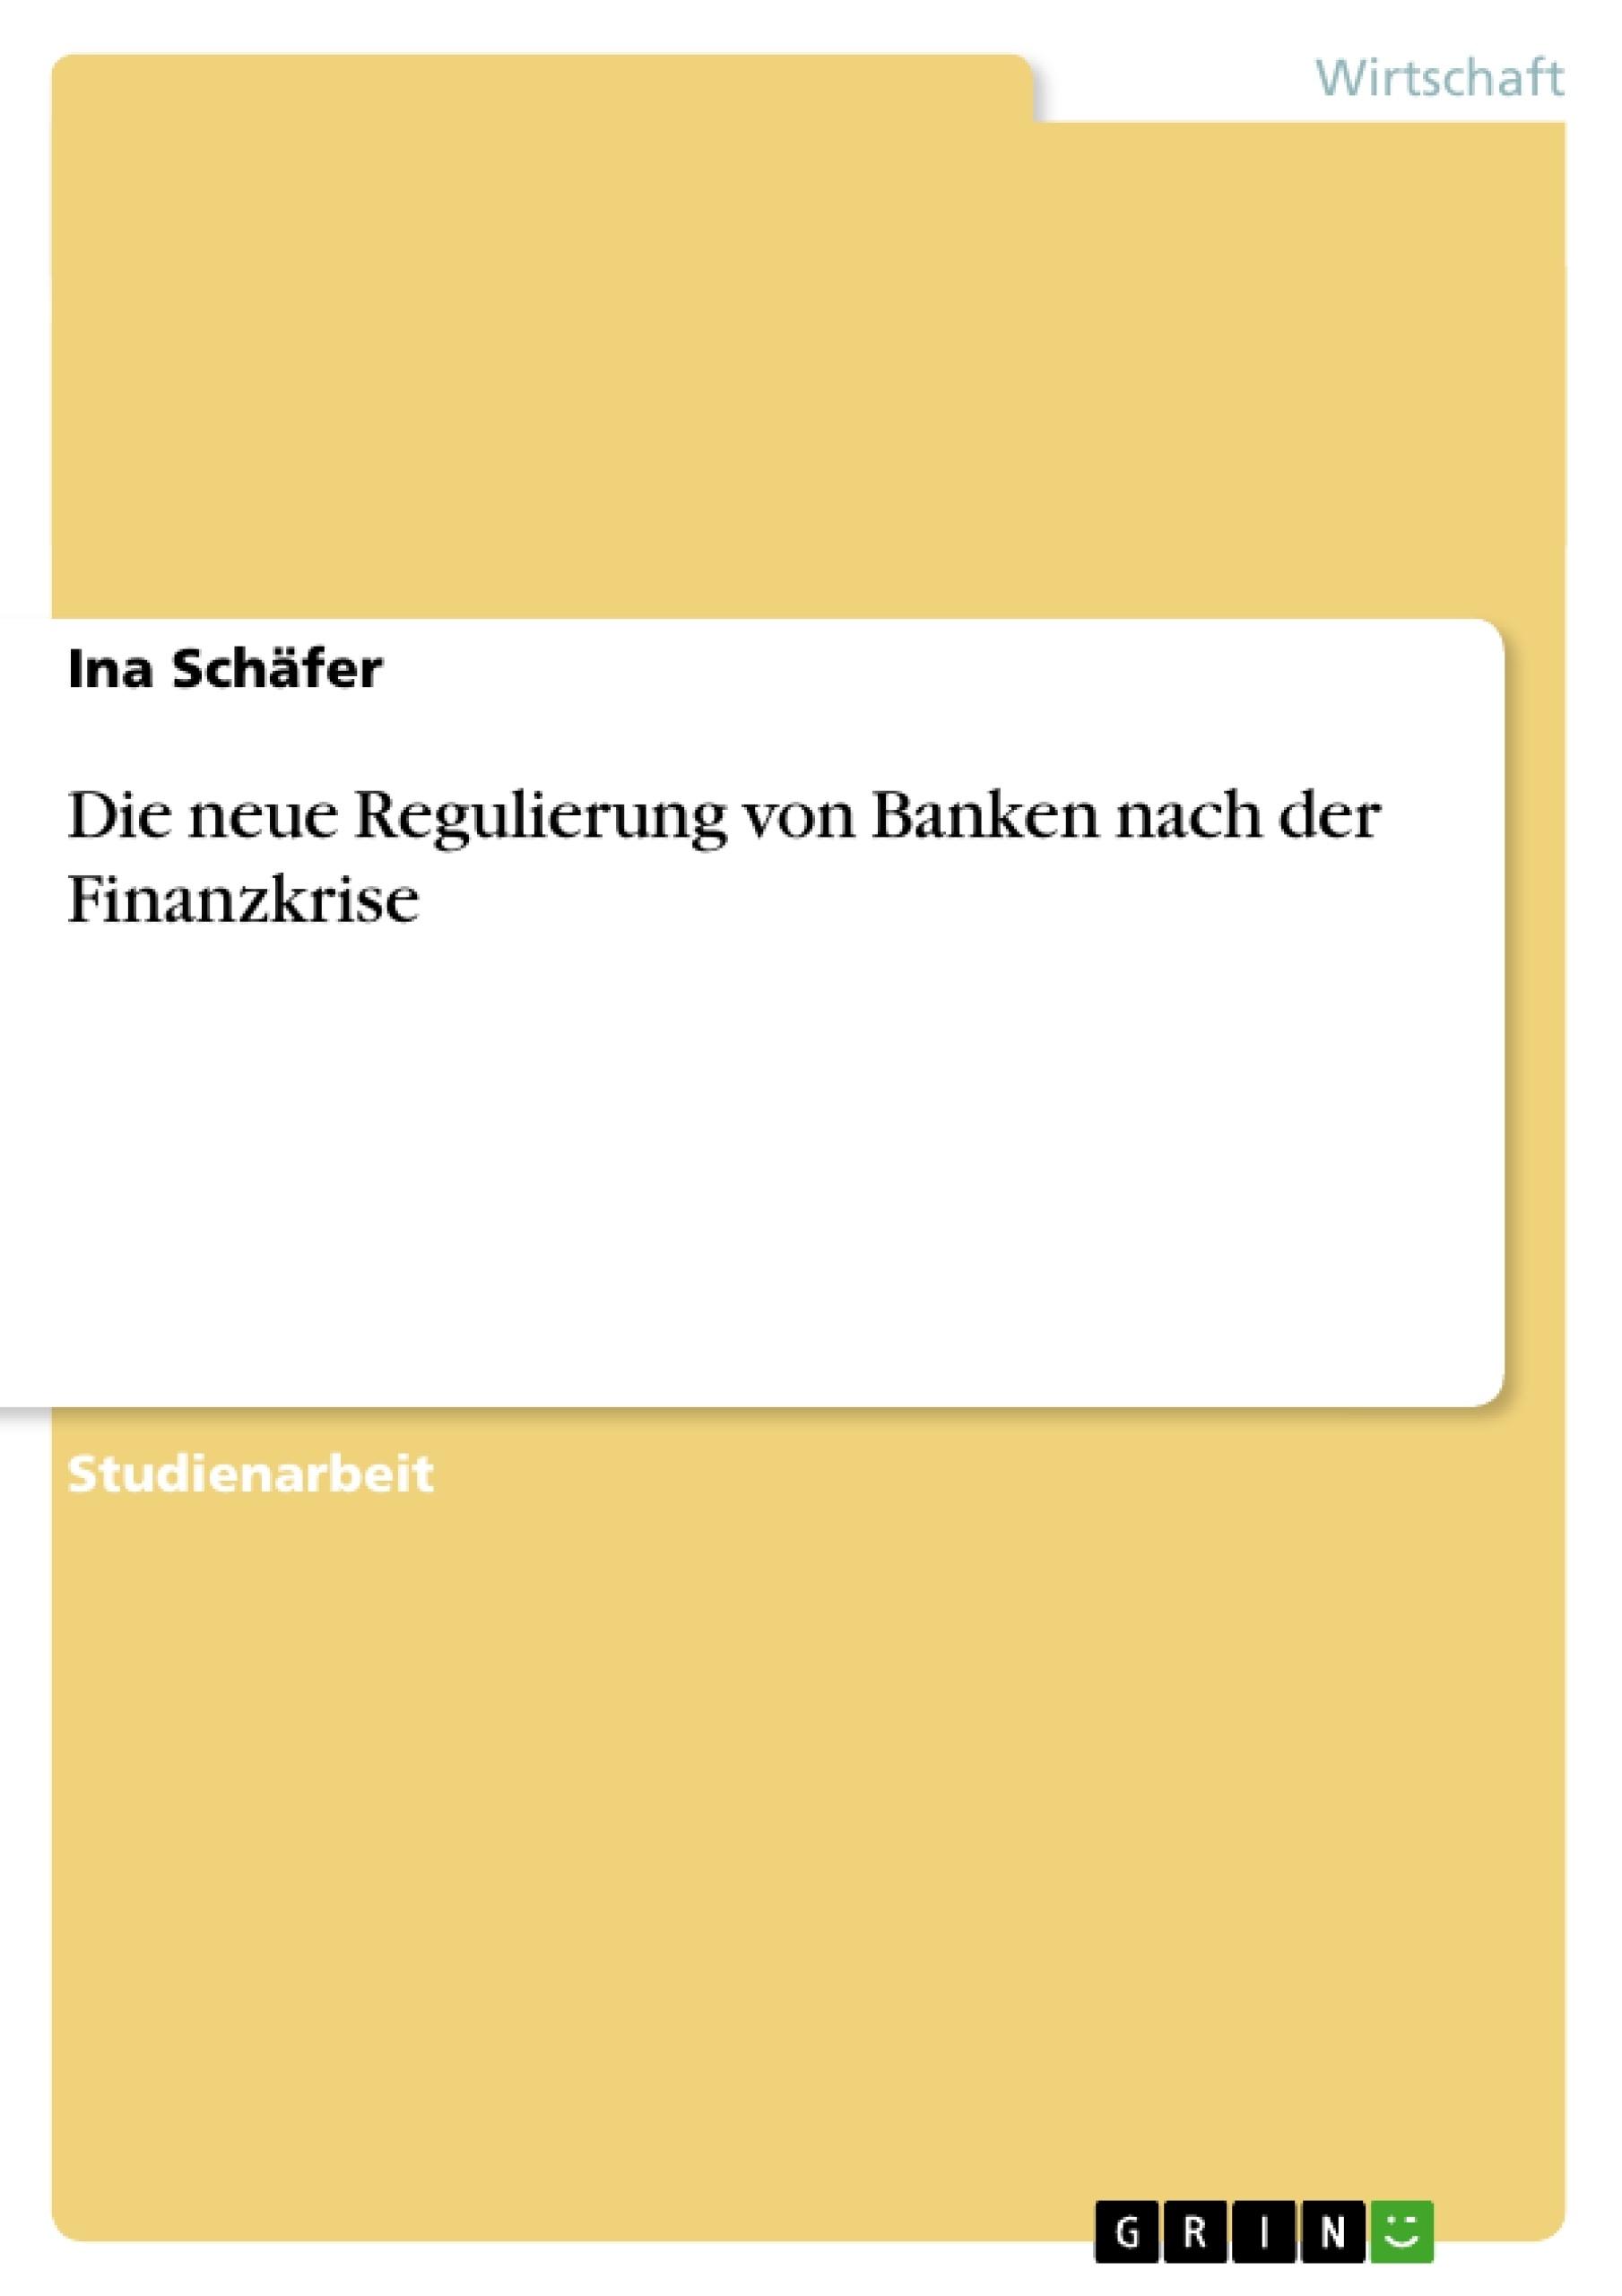 Titel: Die neue Regulierung von Banken nach der Finanzkrise